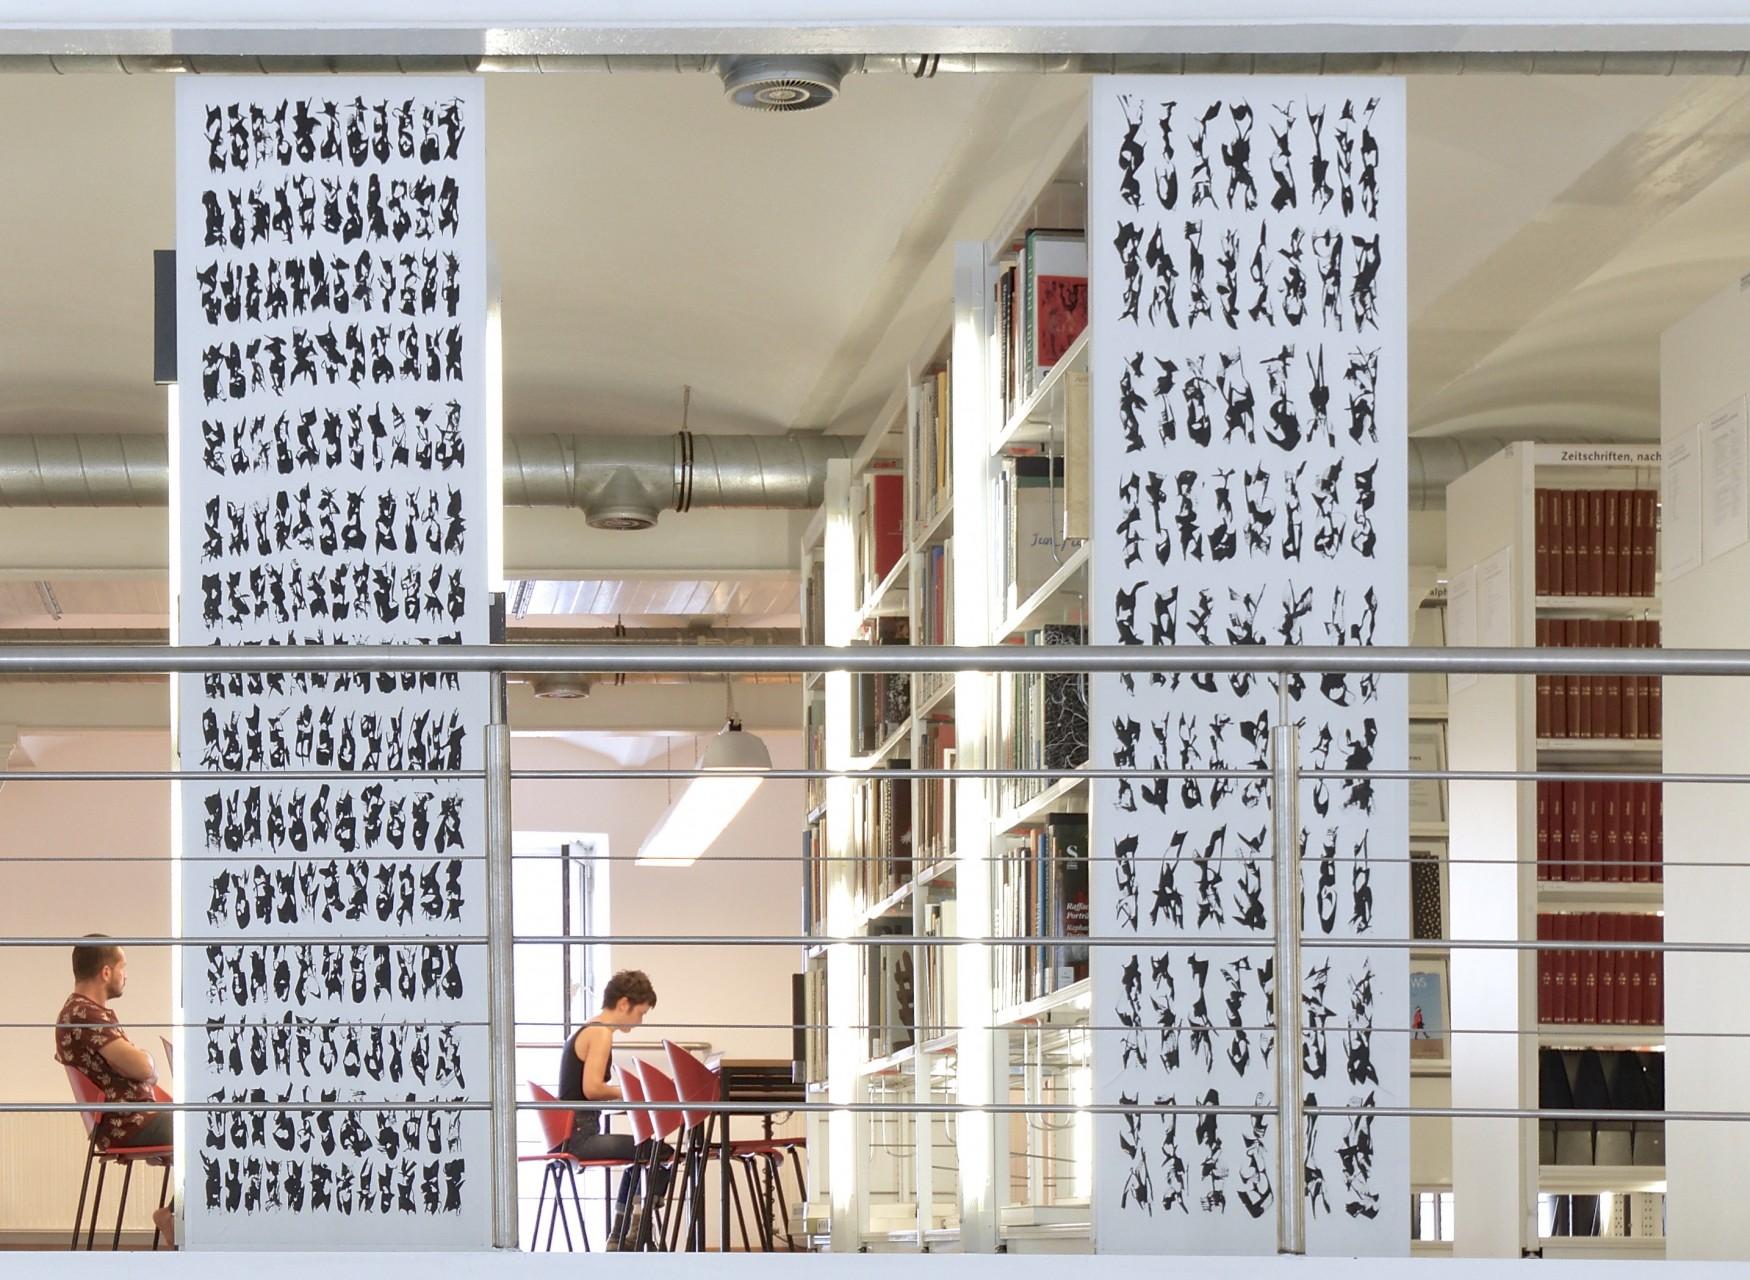 Axel Malik, Acryl auf Leinwand, je 200 x 50 cm, 2017